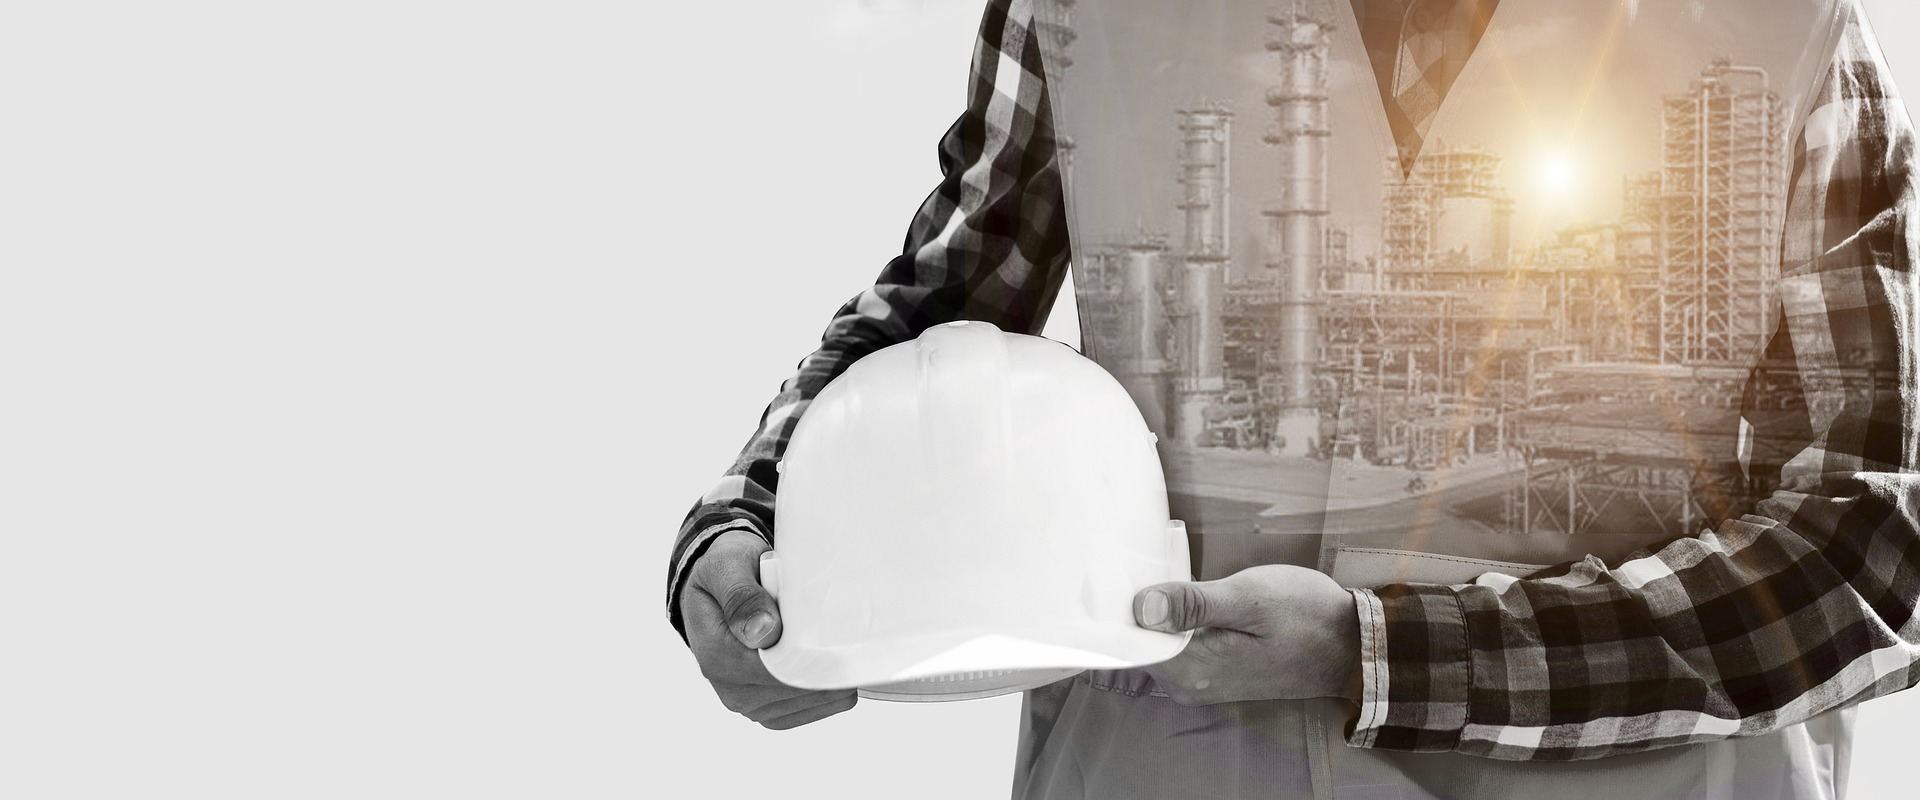 la prévention de l'environnement au sein d'une usine: Photo d'un contremaître tenant son casque et en arrière plan une usine en fonctionnement